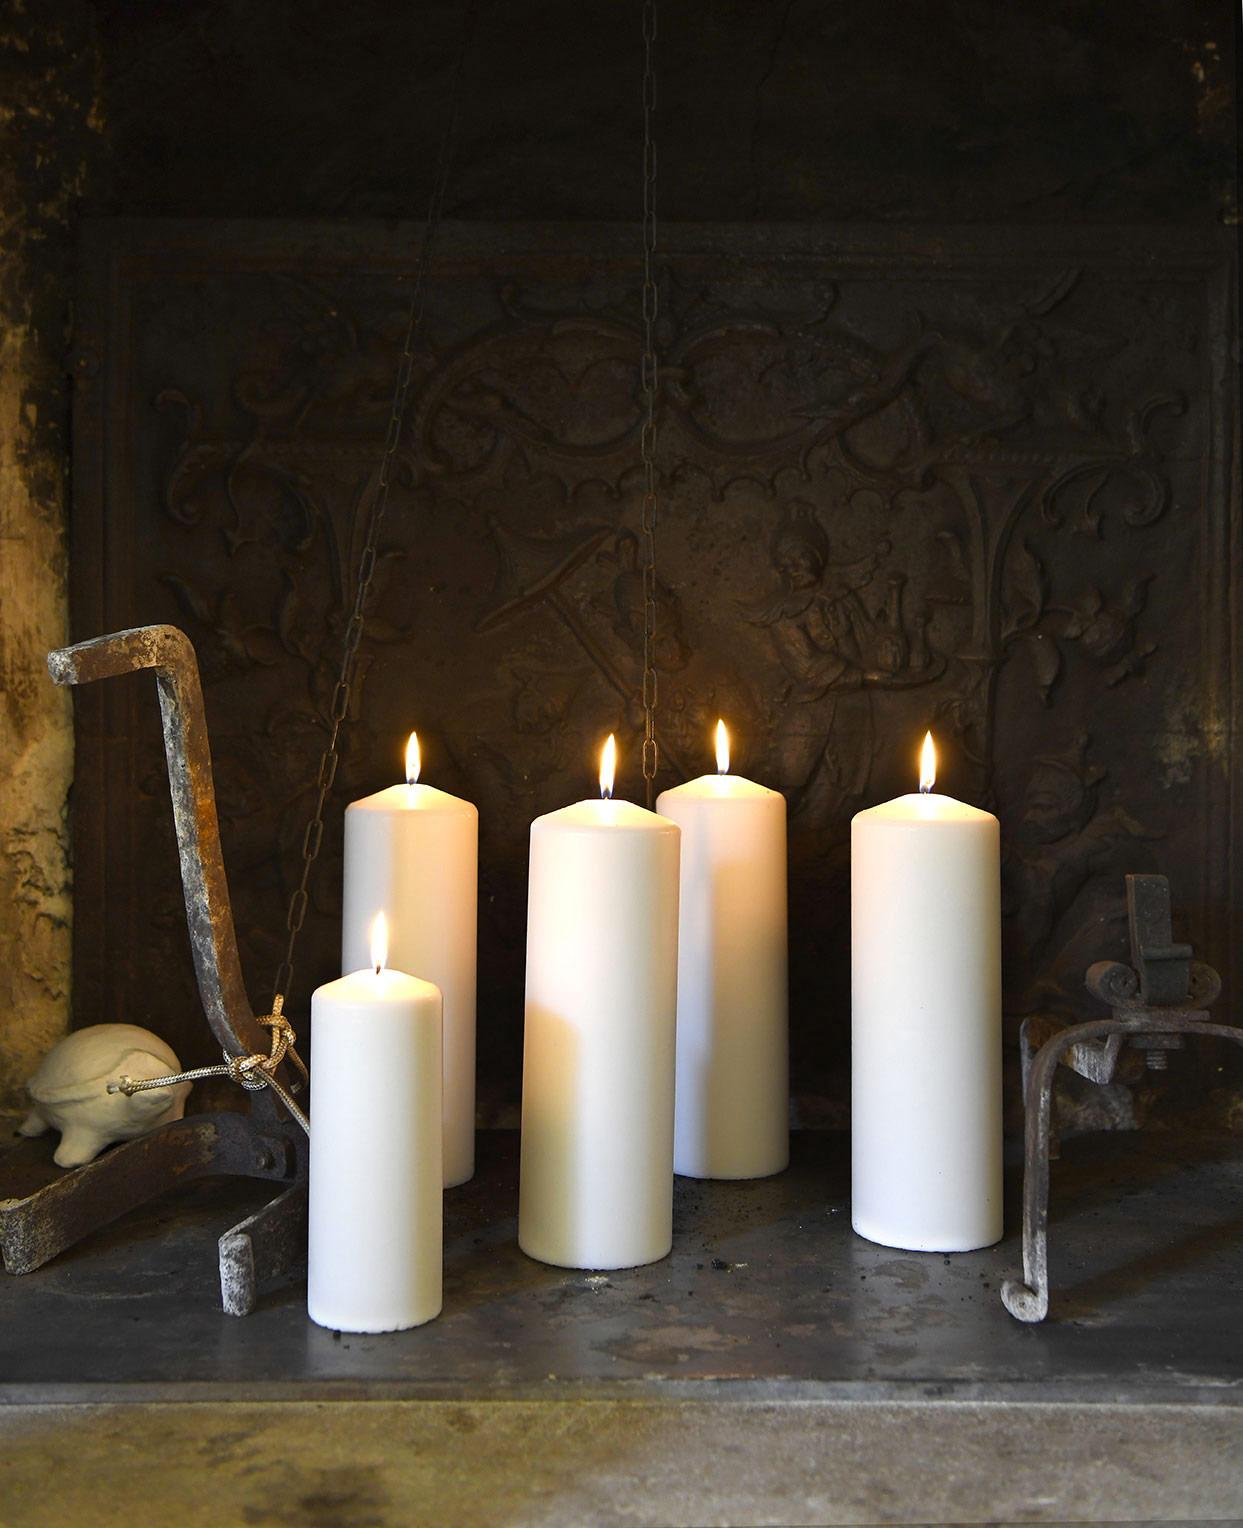 ikigai-bougies-cheminee